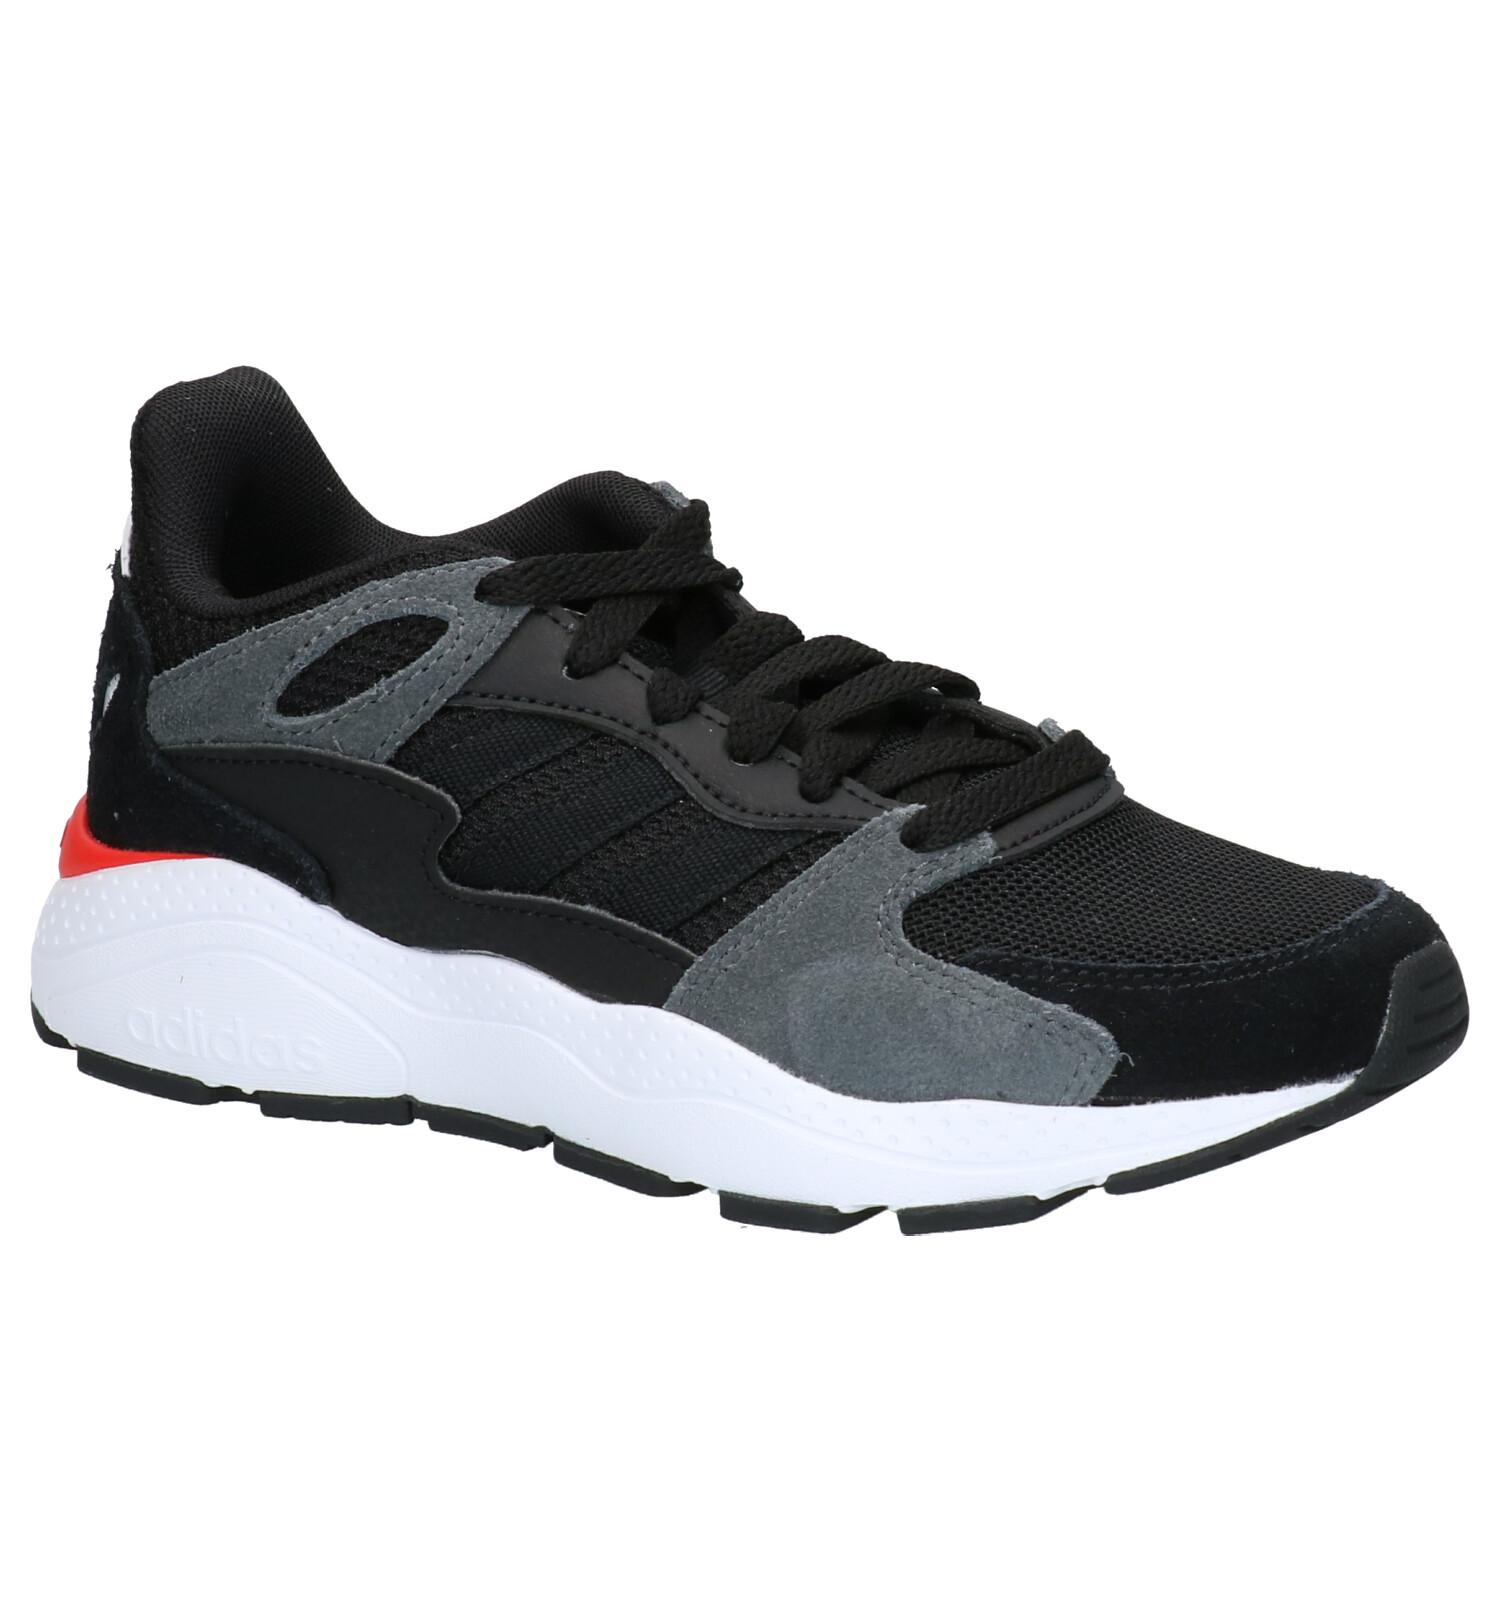 adidas Chaos Sneakers Zwart | TORFS.BE | Gratis verzend en retour